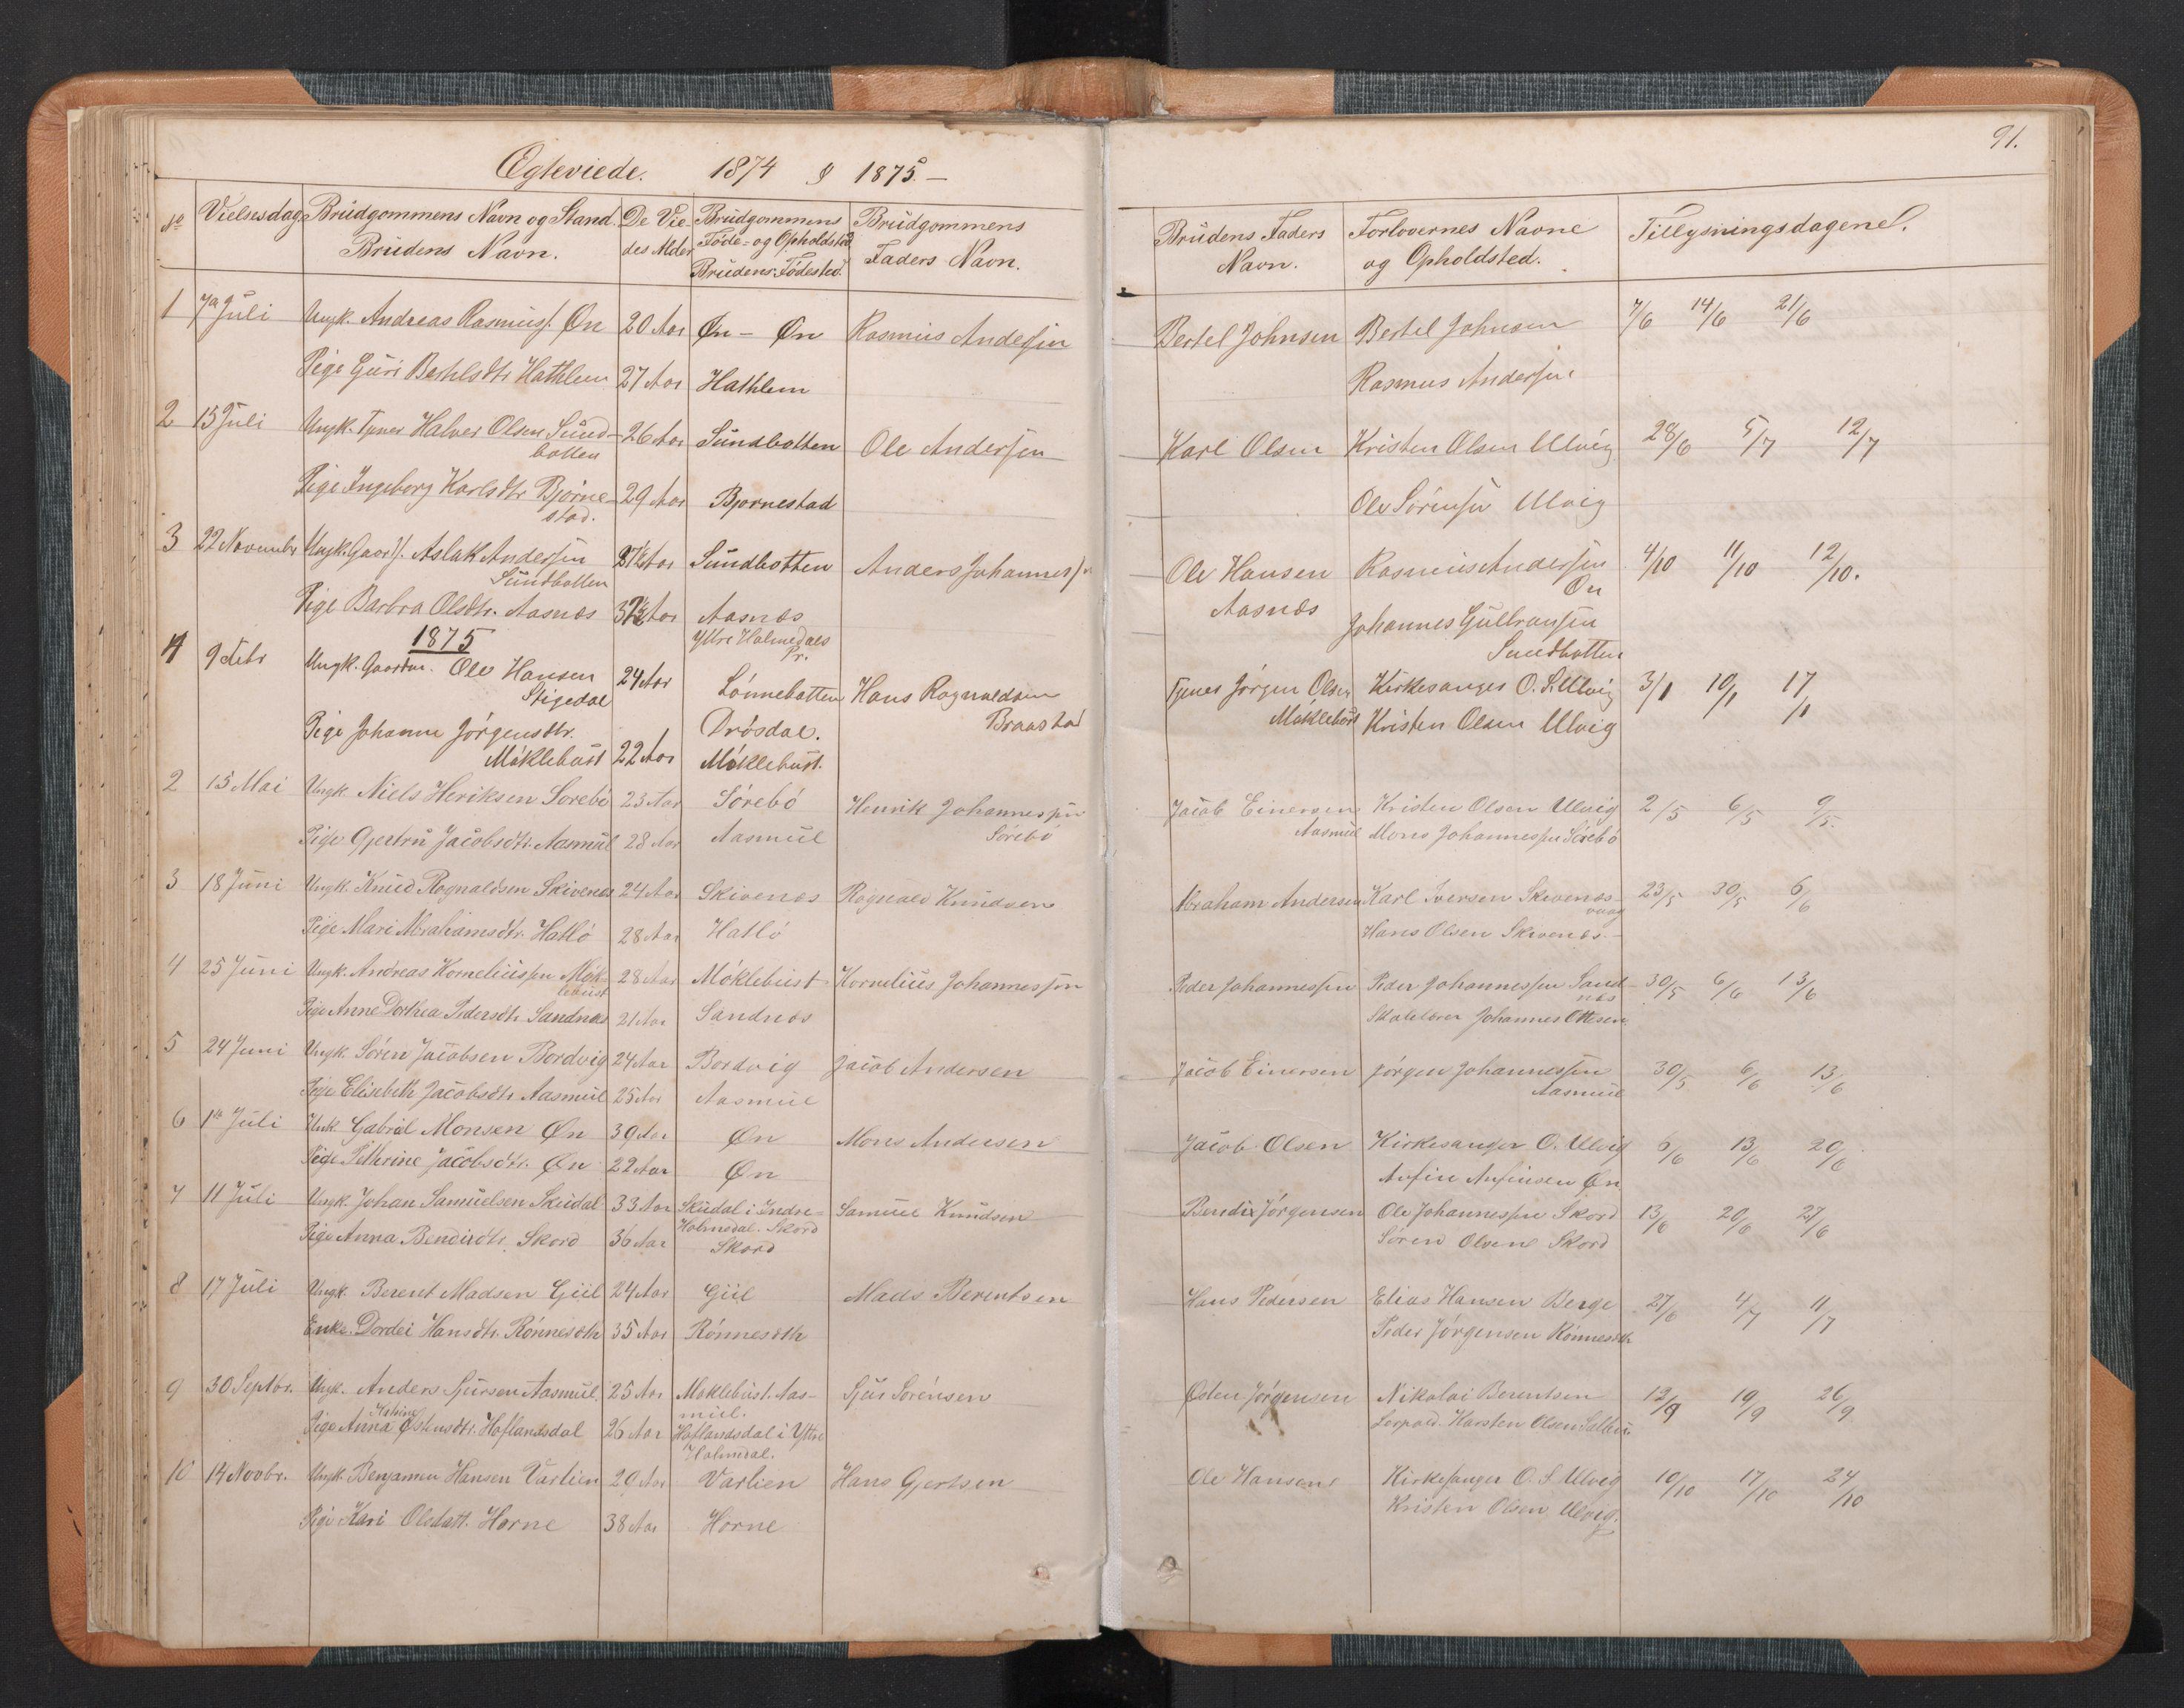 SAB, Hyllestad Sokneprestembete, Klokkerbok nr. C 2, 1874-1894, s. 90b-91a